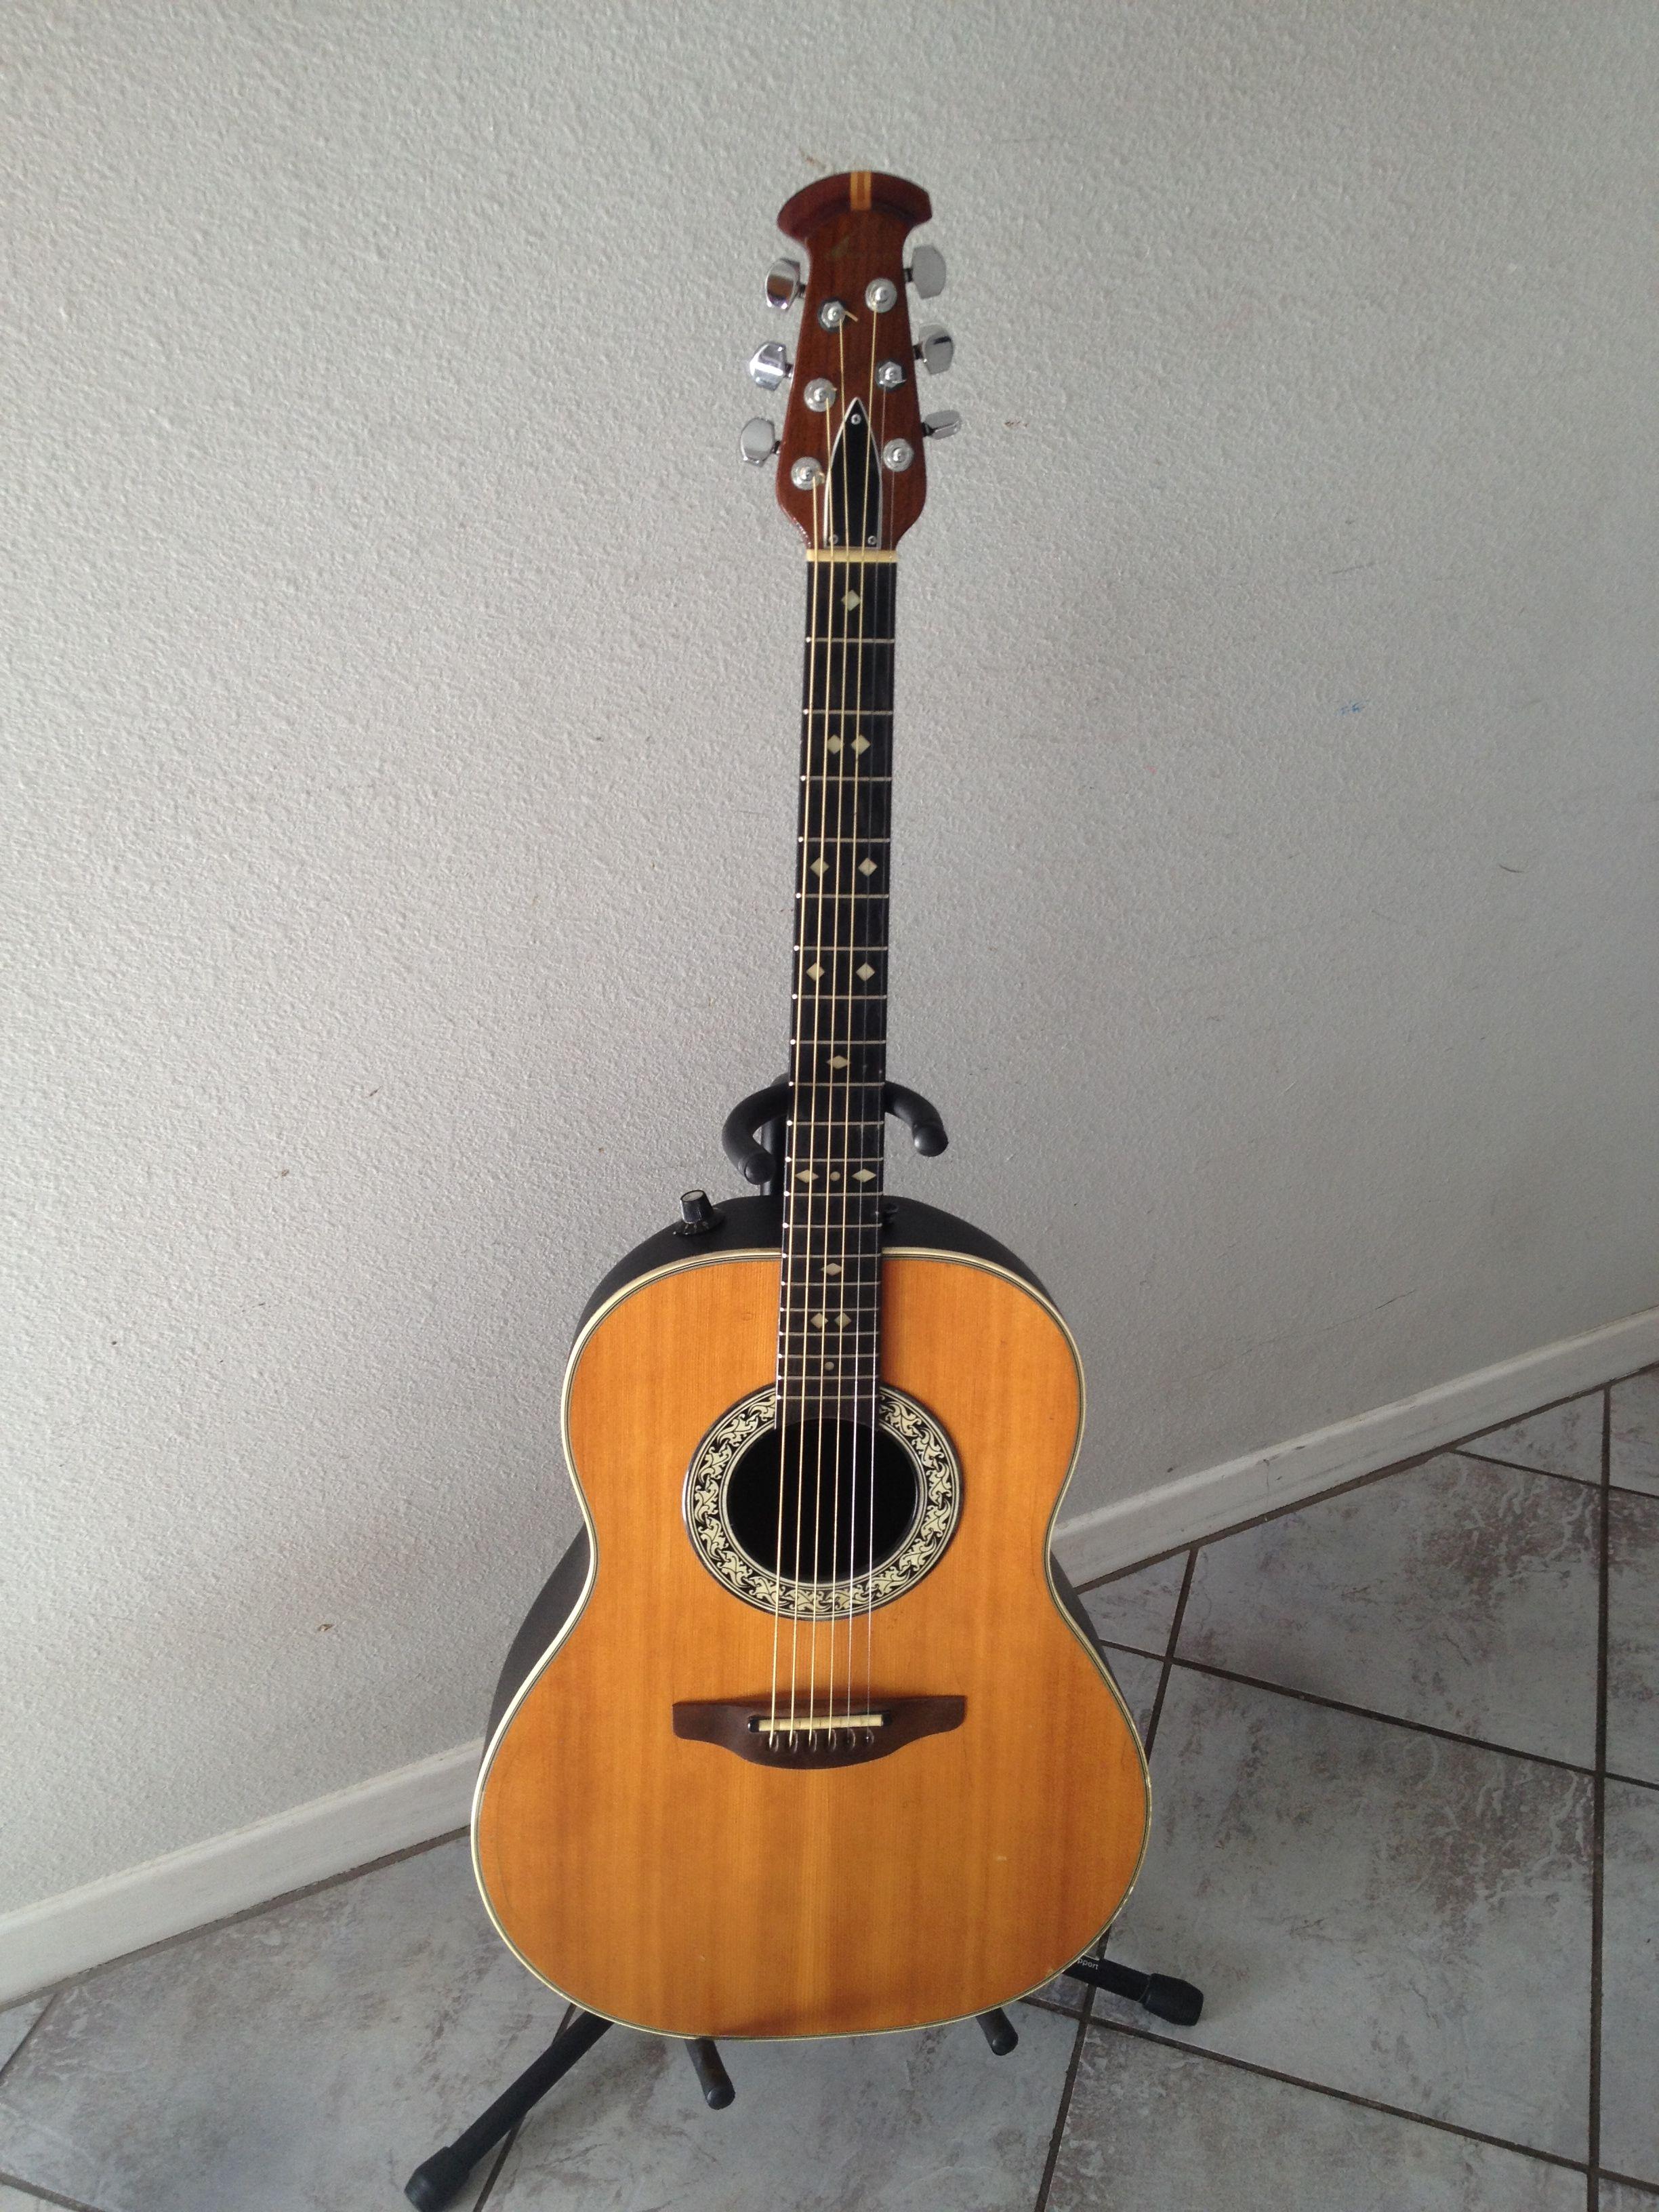 a2e92af9b2 1979 Ovation 1612-4 balladeer Guitar | Roundbacks | Guitar ...